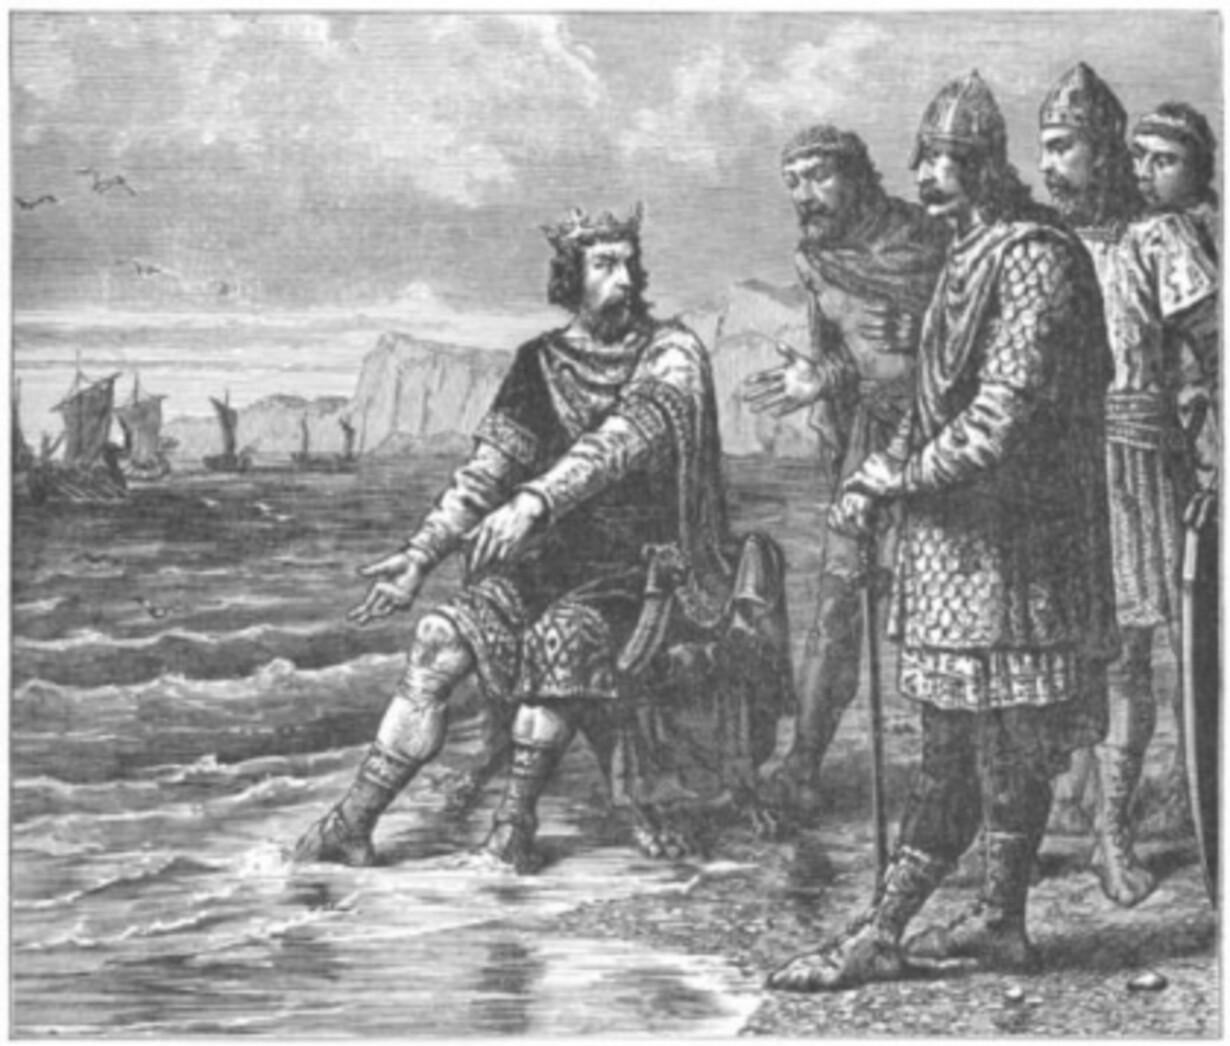 Knud den Store og vandet